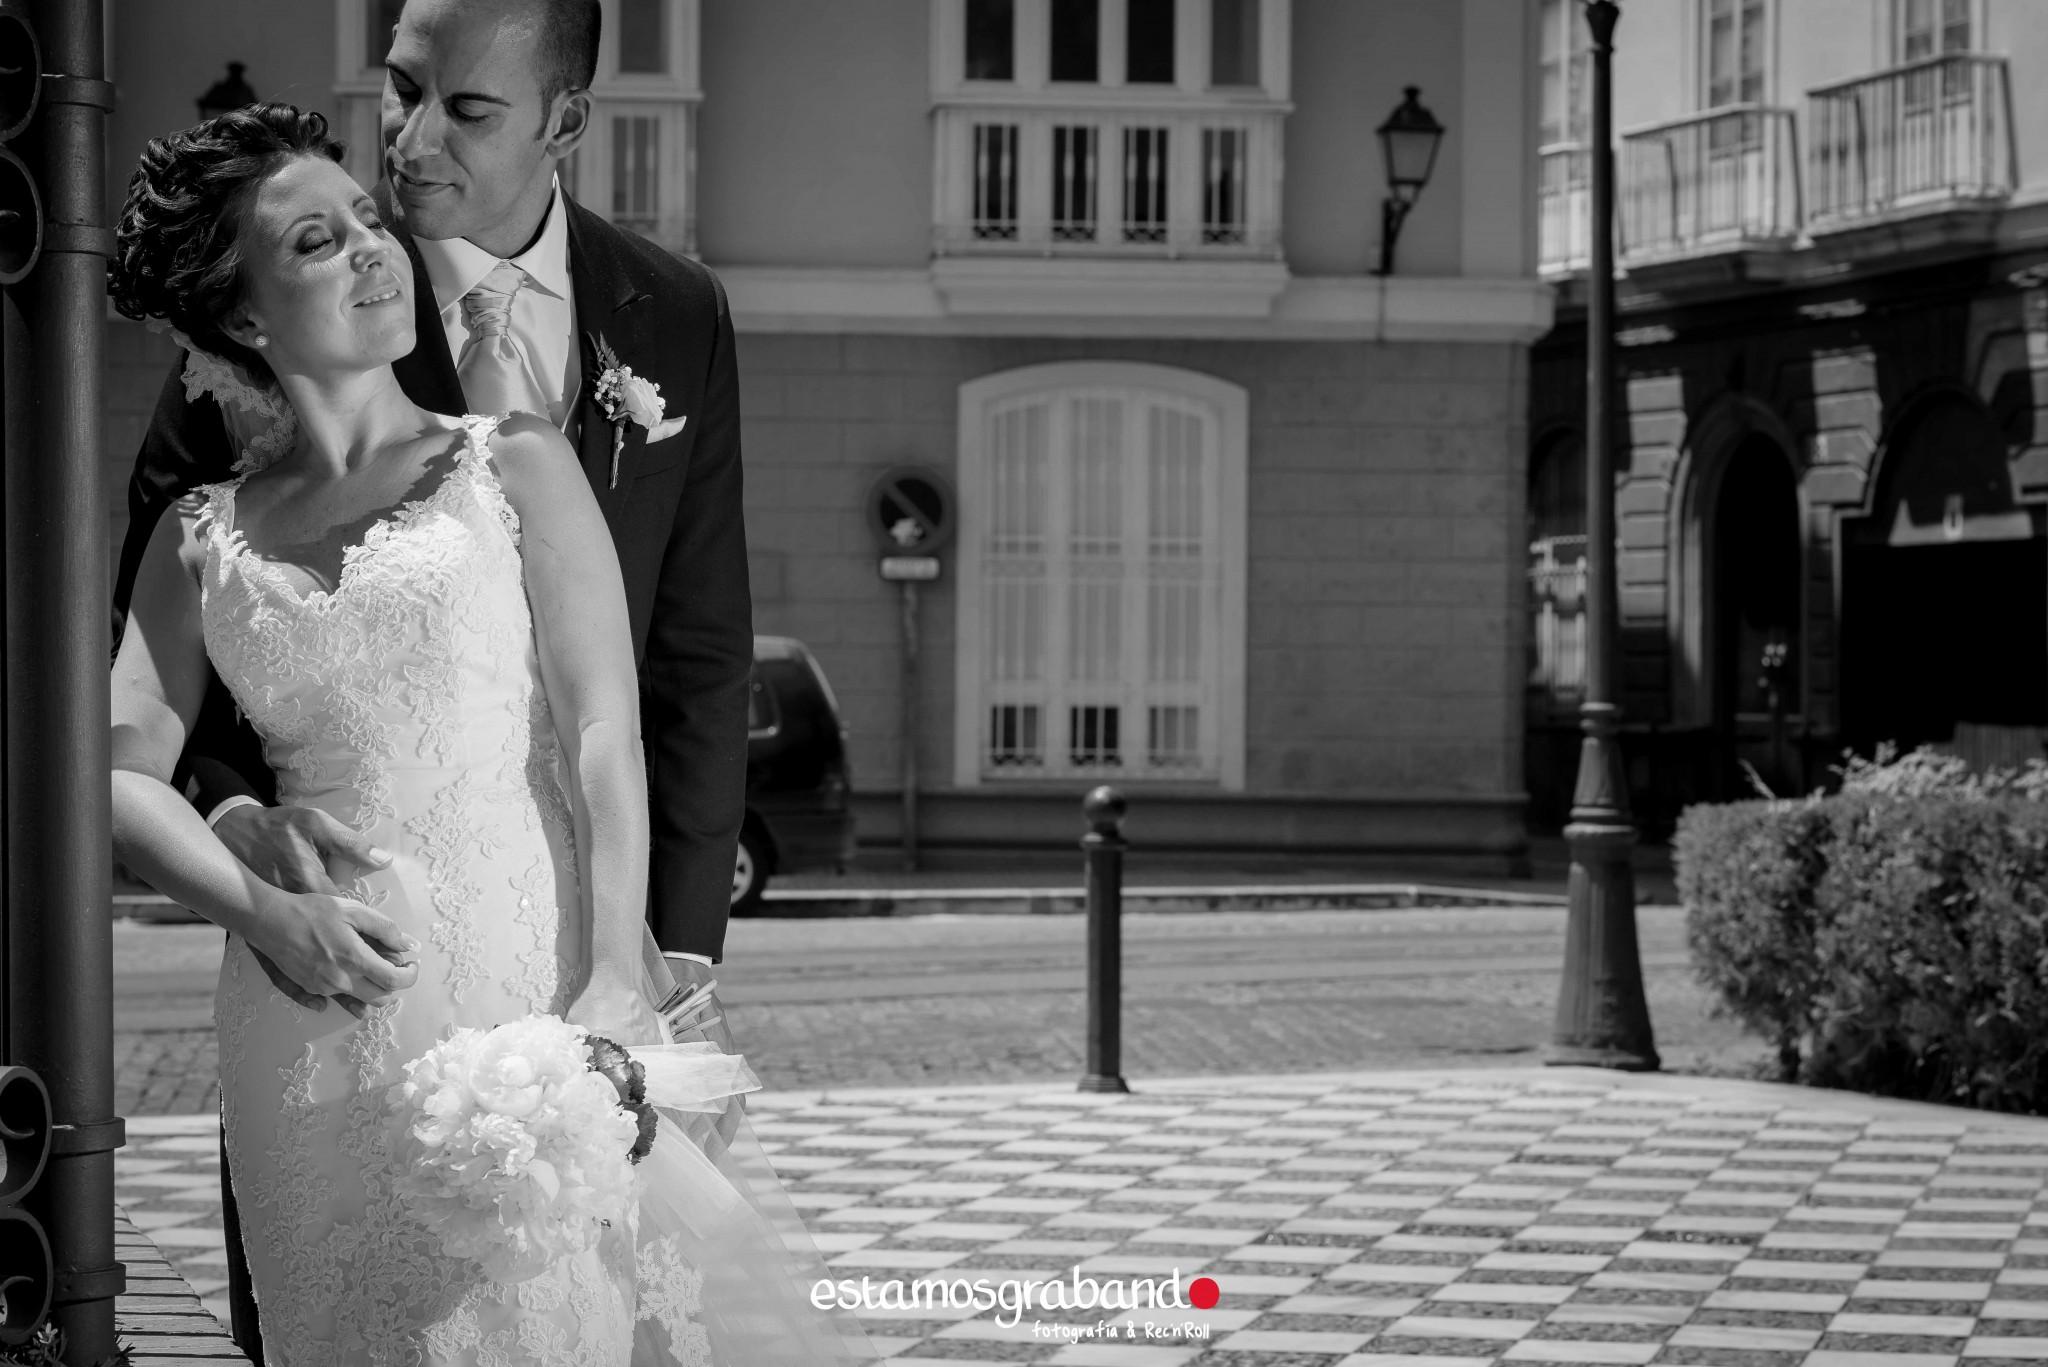 raquel-ale-43-de-68 Raquel & Ale - video boda cadiz